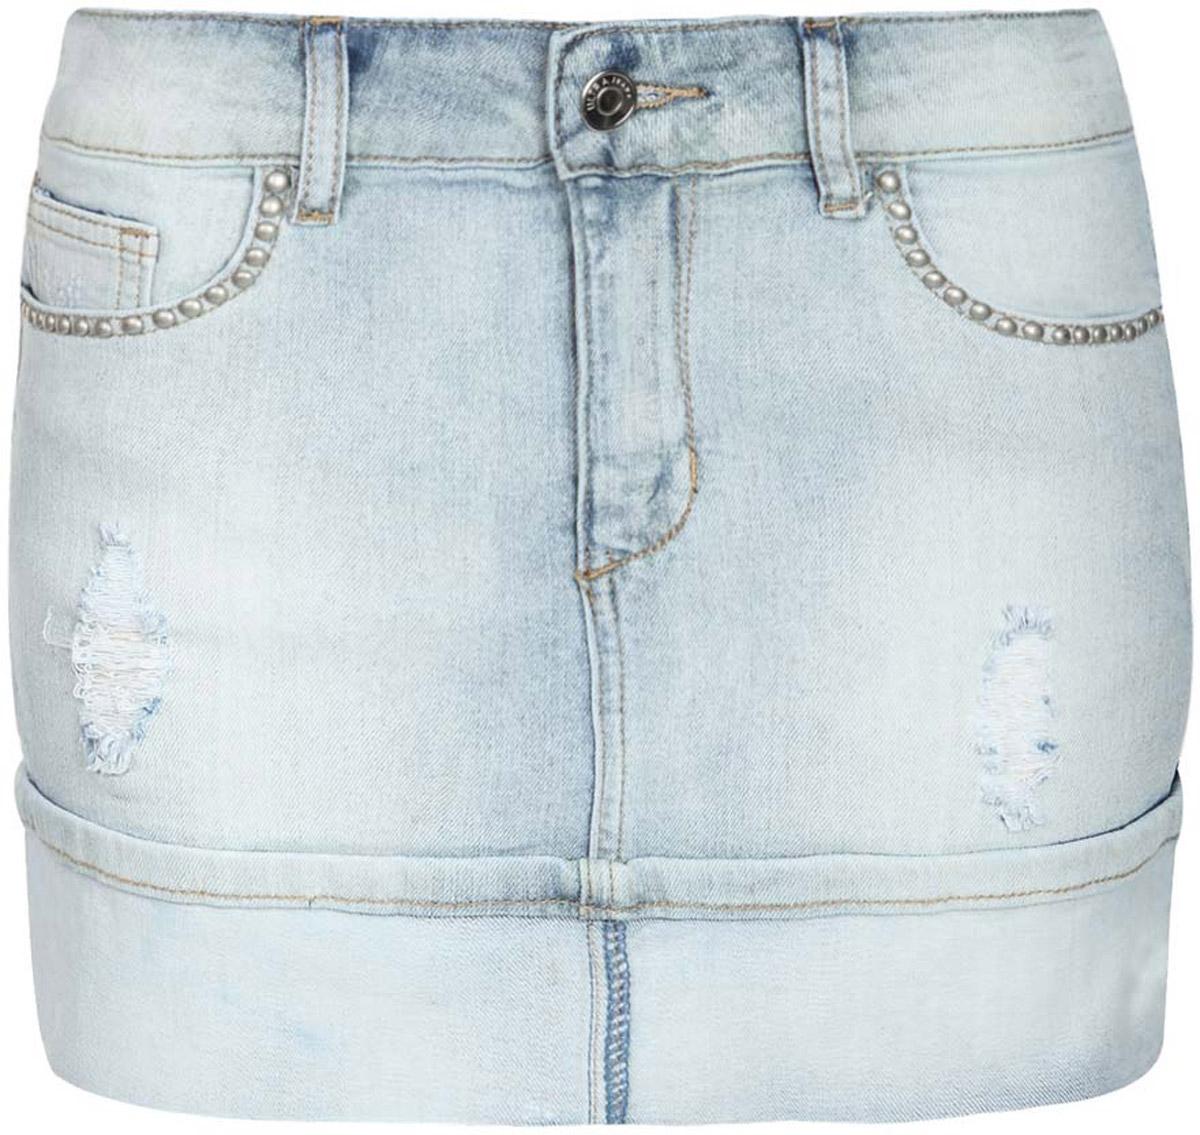 Юбка11510004/45369/7000WМодная джинсовая мини-юбка oodji Denim выполнена из хлопка с добавлением эластана. Юбка застегивается на пуговицу в поясе и ширинку на застежке-молнии, имеются шлевки для ремня. Спереди расположены два втачных кармана и один небольшой накладной кармашек, а сзади - два накладных кармана. Юбка декорирована эффектом потертости, правый карман с лицевой стороны дополнен декоративными клепками.